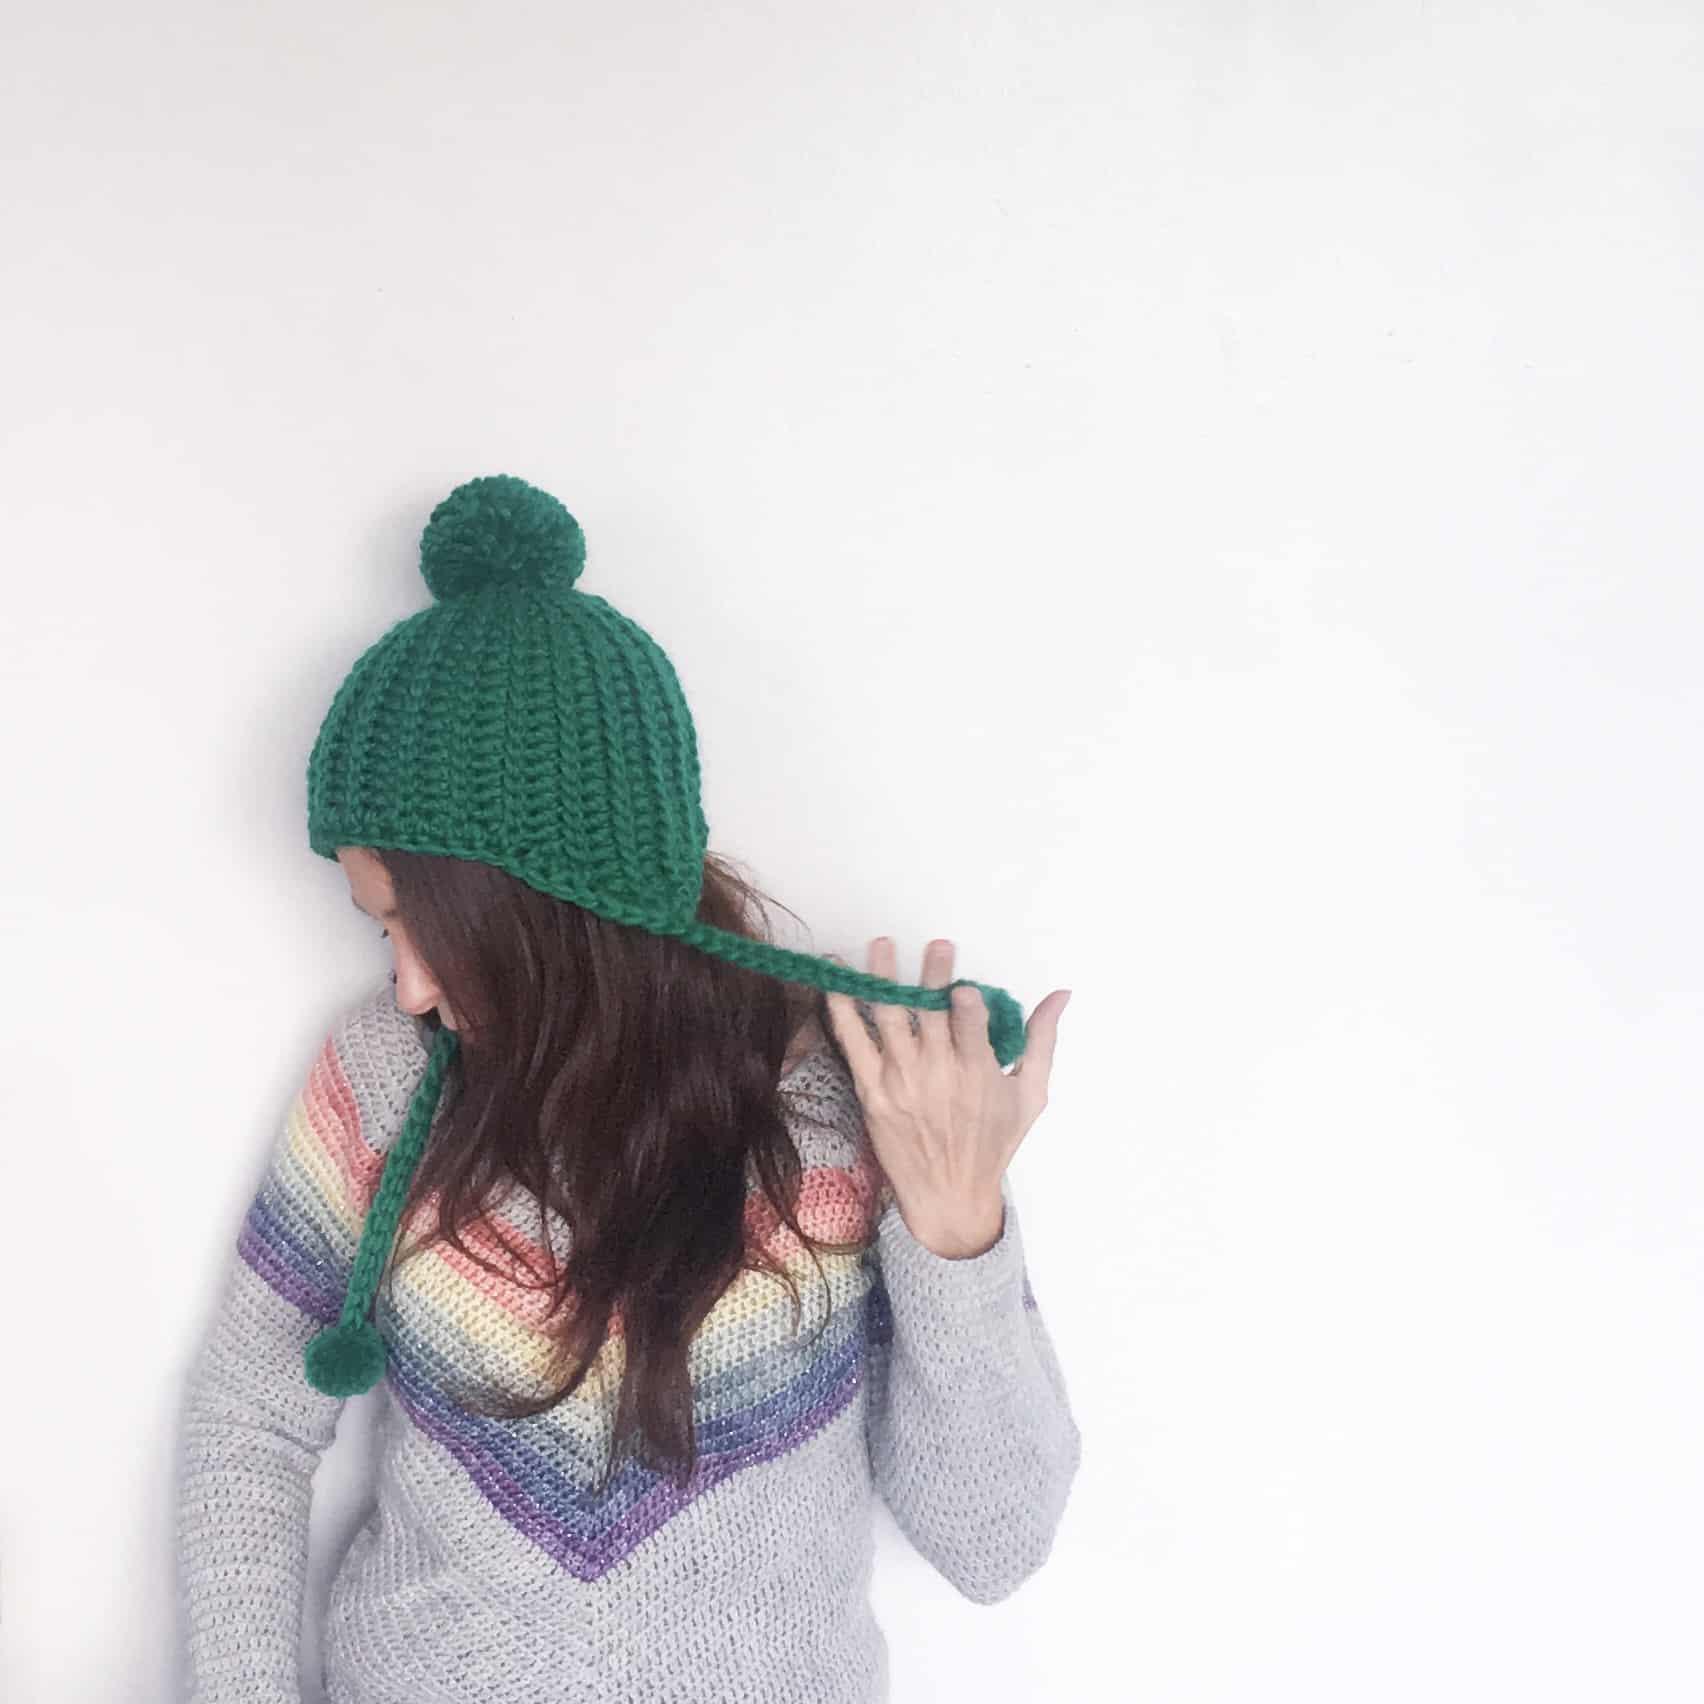 Side view of green crochet pom pom hat